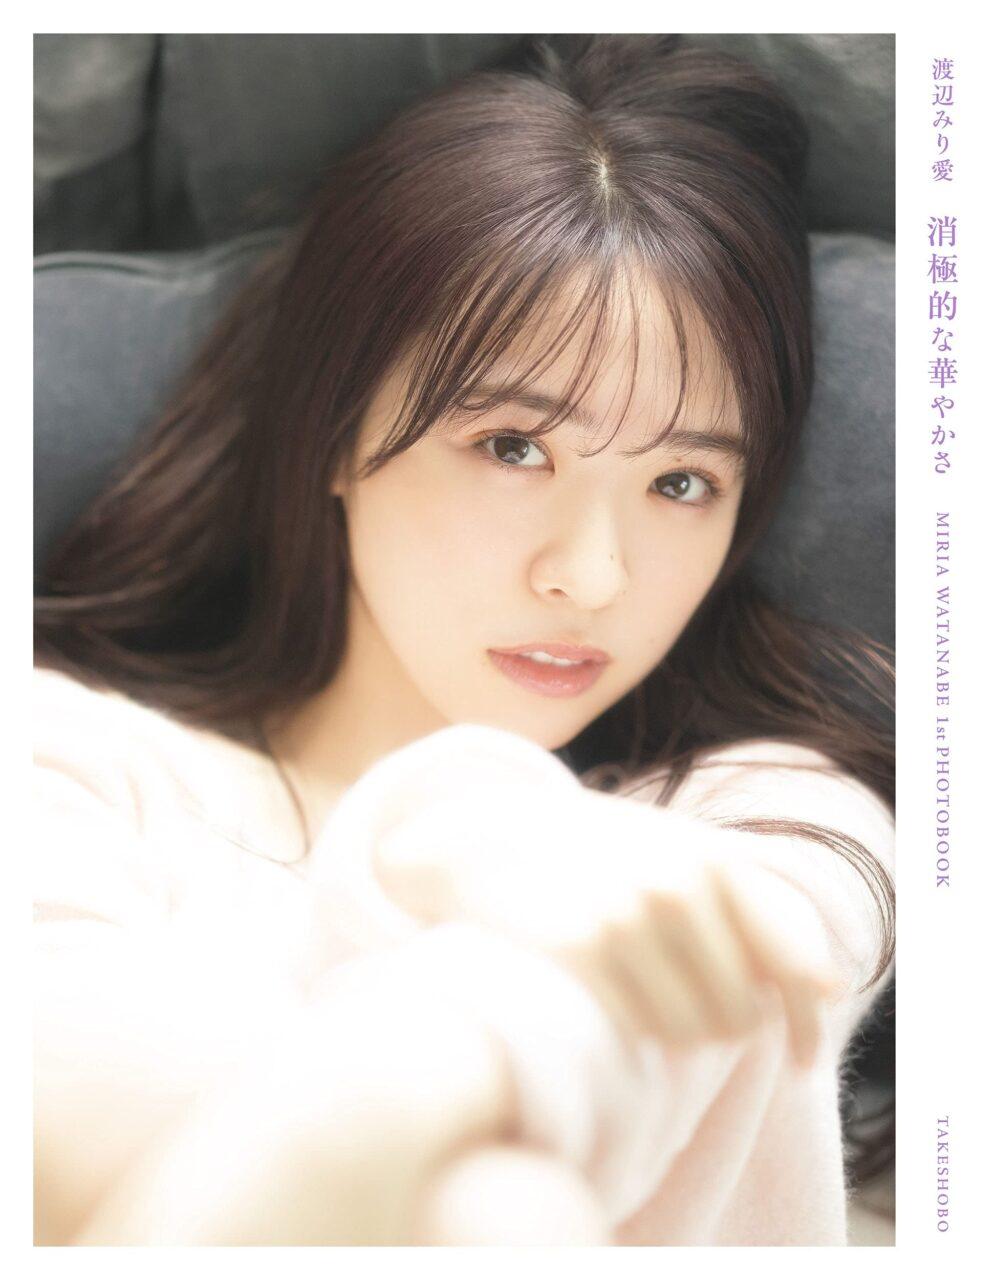 乃木坂46 渡辺みり愛 1st写真集「消極的な華やかさ」8/31発売!